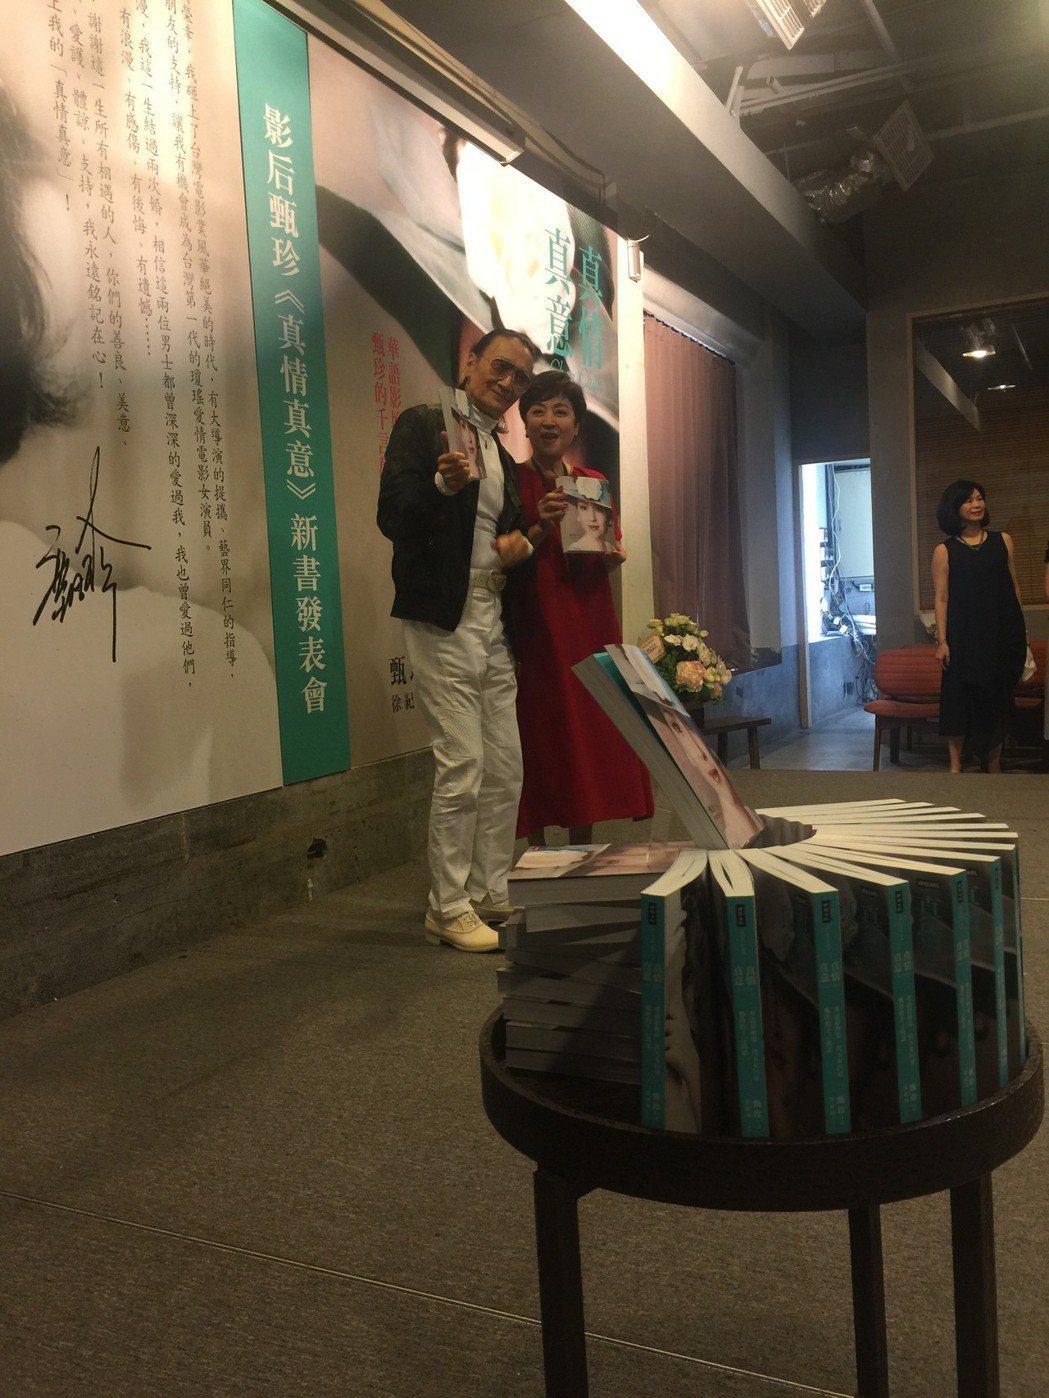 謝賢、甄珍離異後40多年再度公開同台。記者蘇詠智/攝影